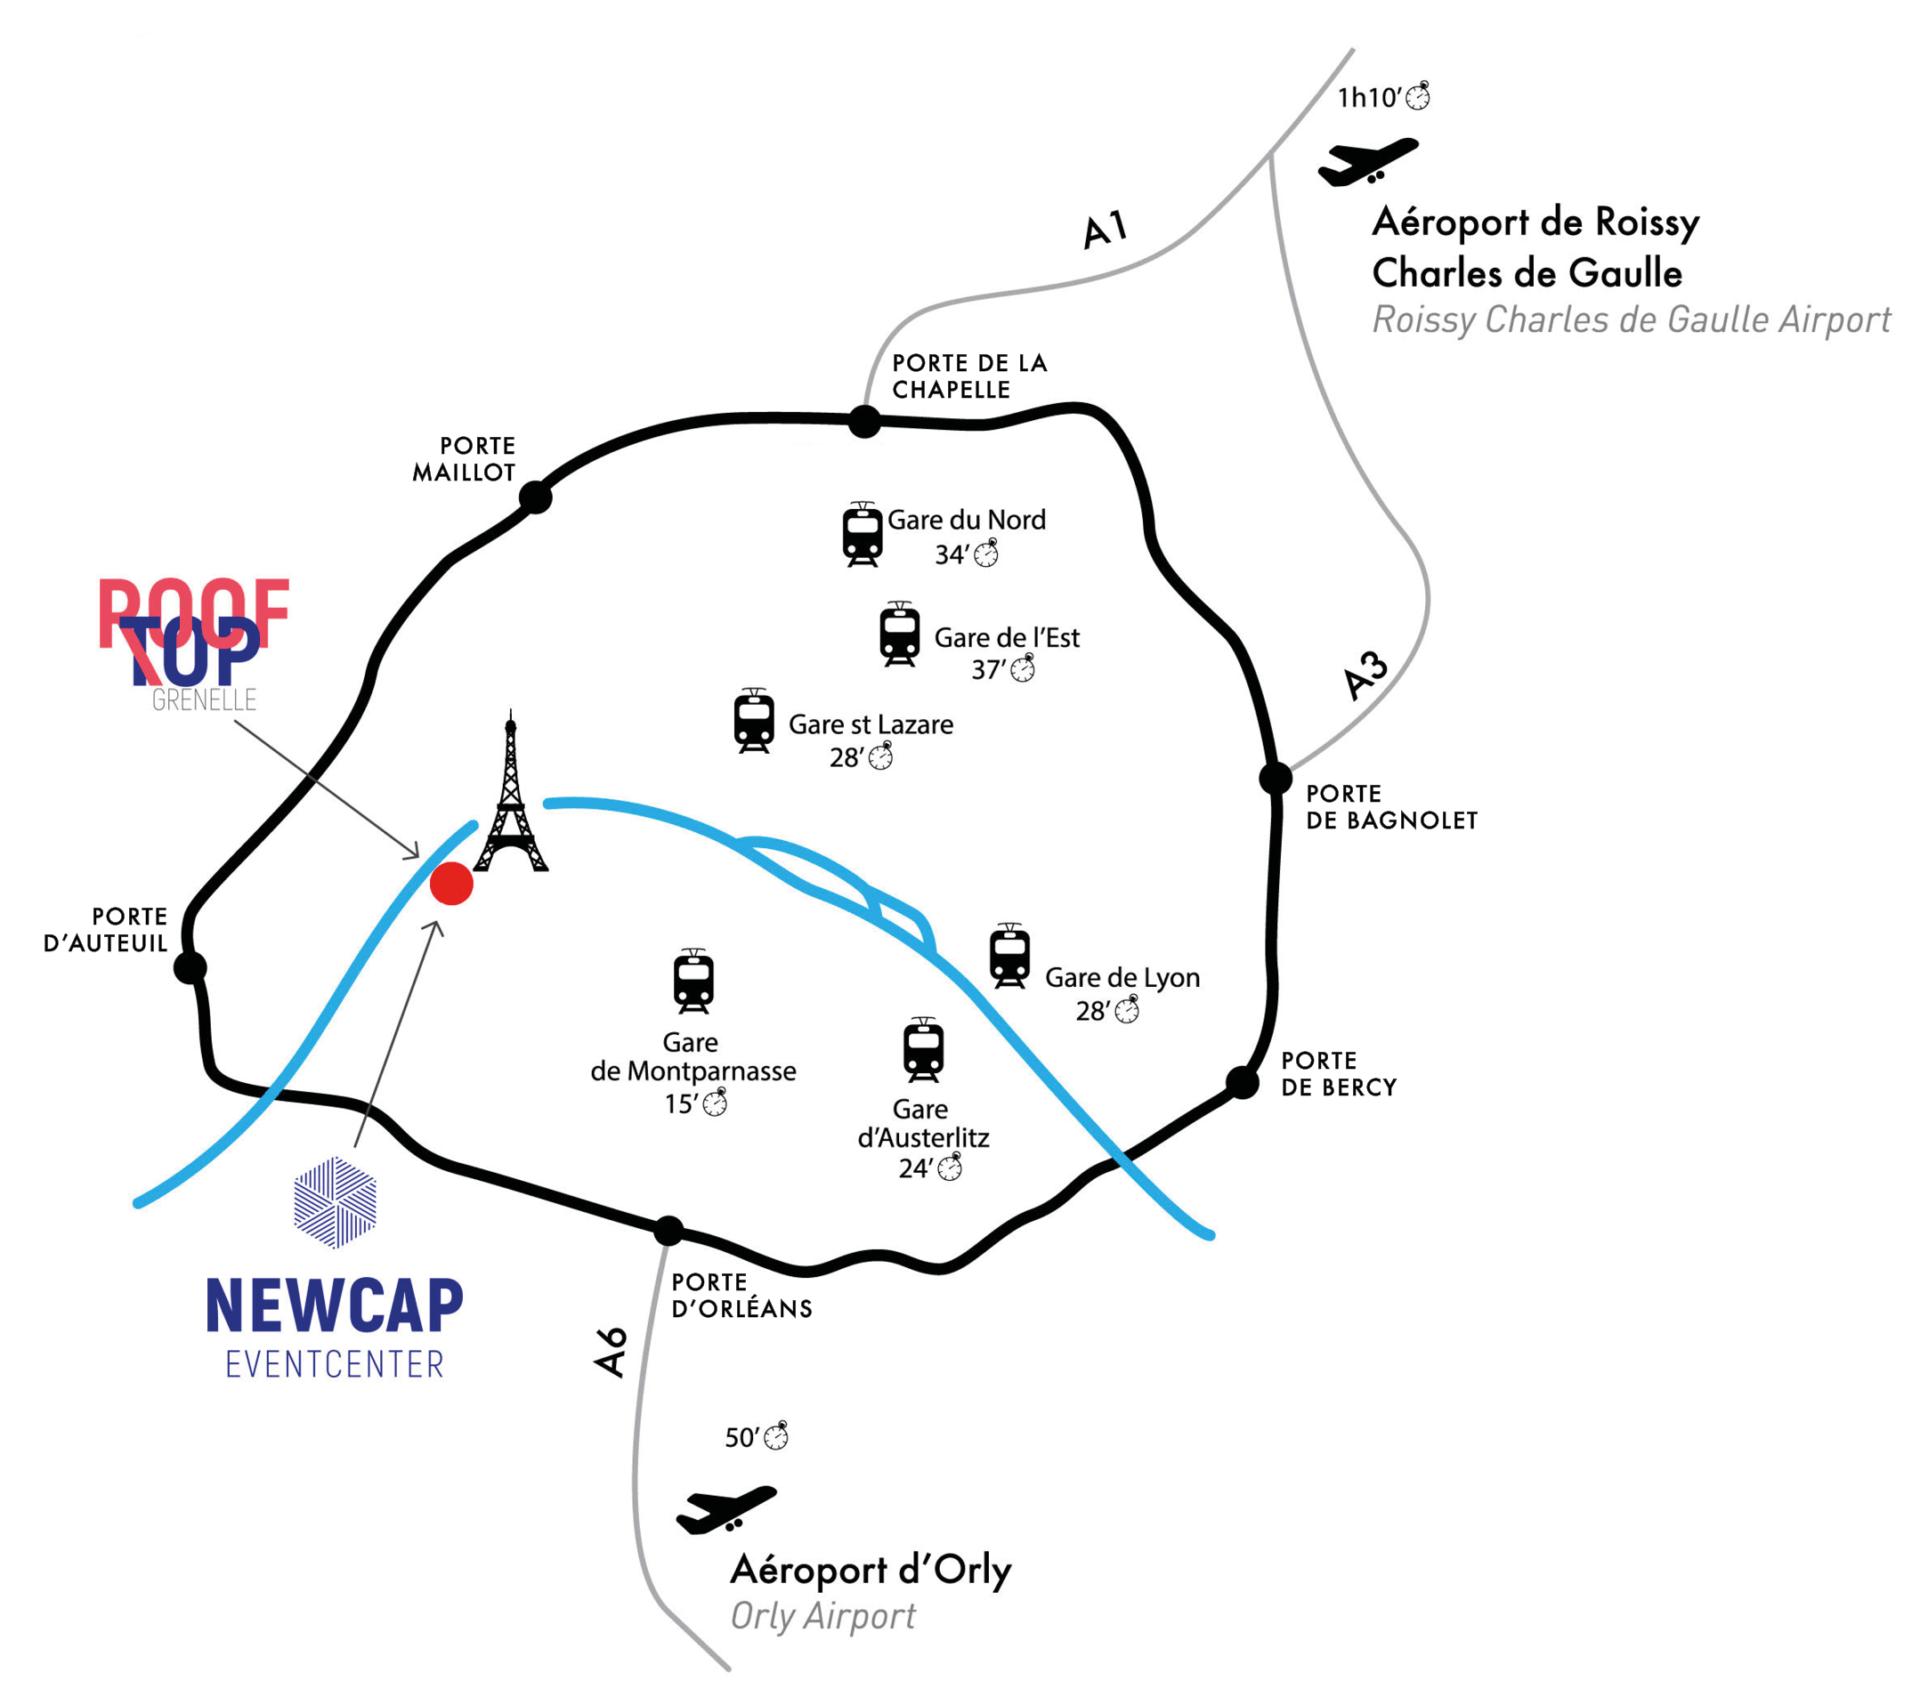 Plan d'accès pour venir au rooftop grenelle